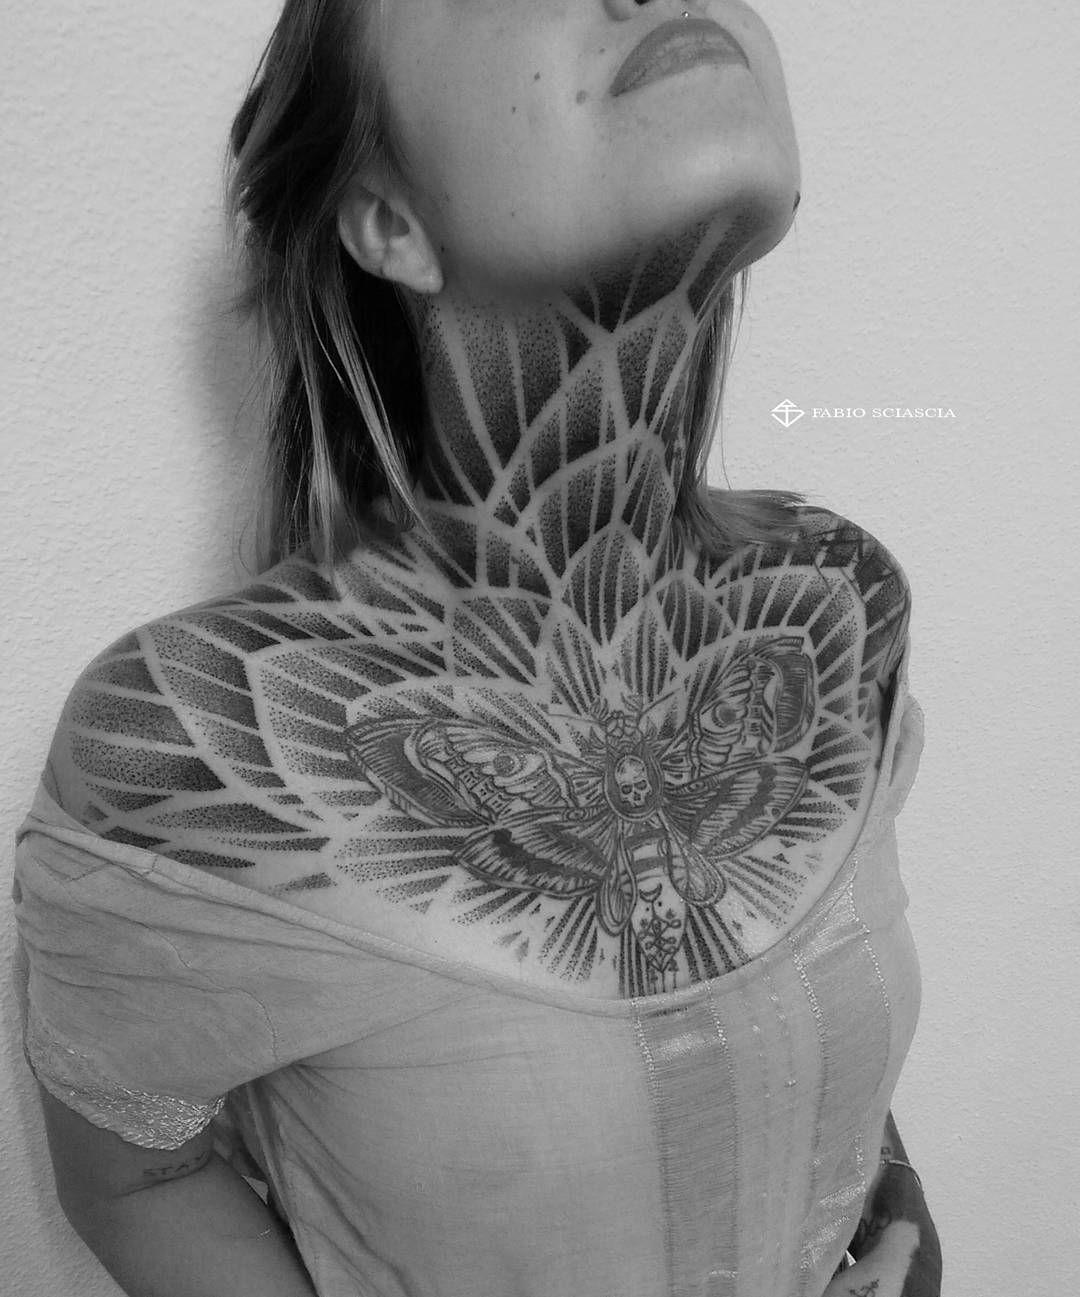 Neck Tattoos Women Side Neck Tattoos Women Back Of Neck Tattoos Women Small Neck Tattoos Women Faith Neck Ta In 2020 Neck Tattoos Women Back Of Neck Tattoo Nape Tattoo